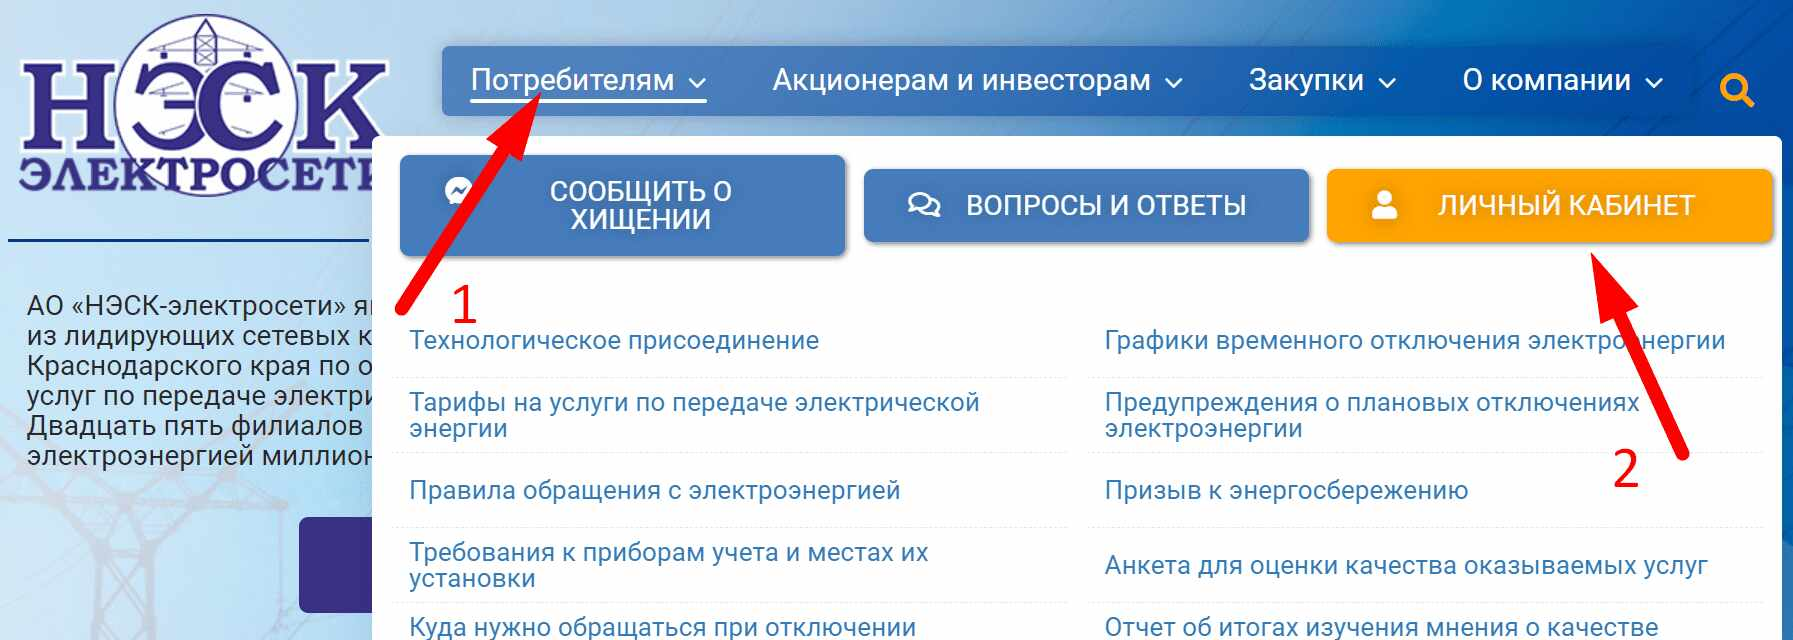 Официальный сайт компании АО «НЭСК-электросети»